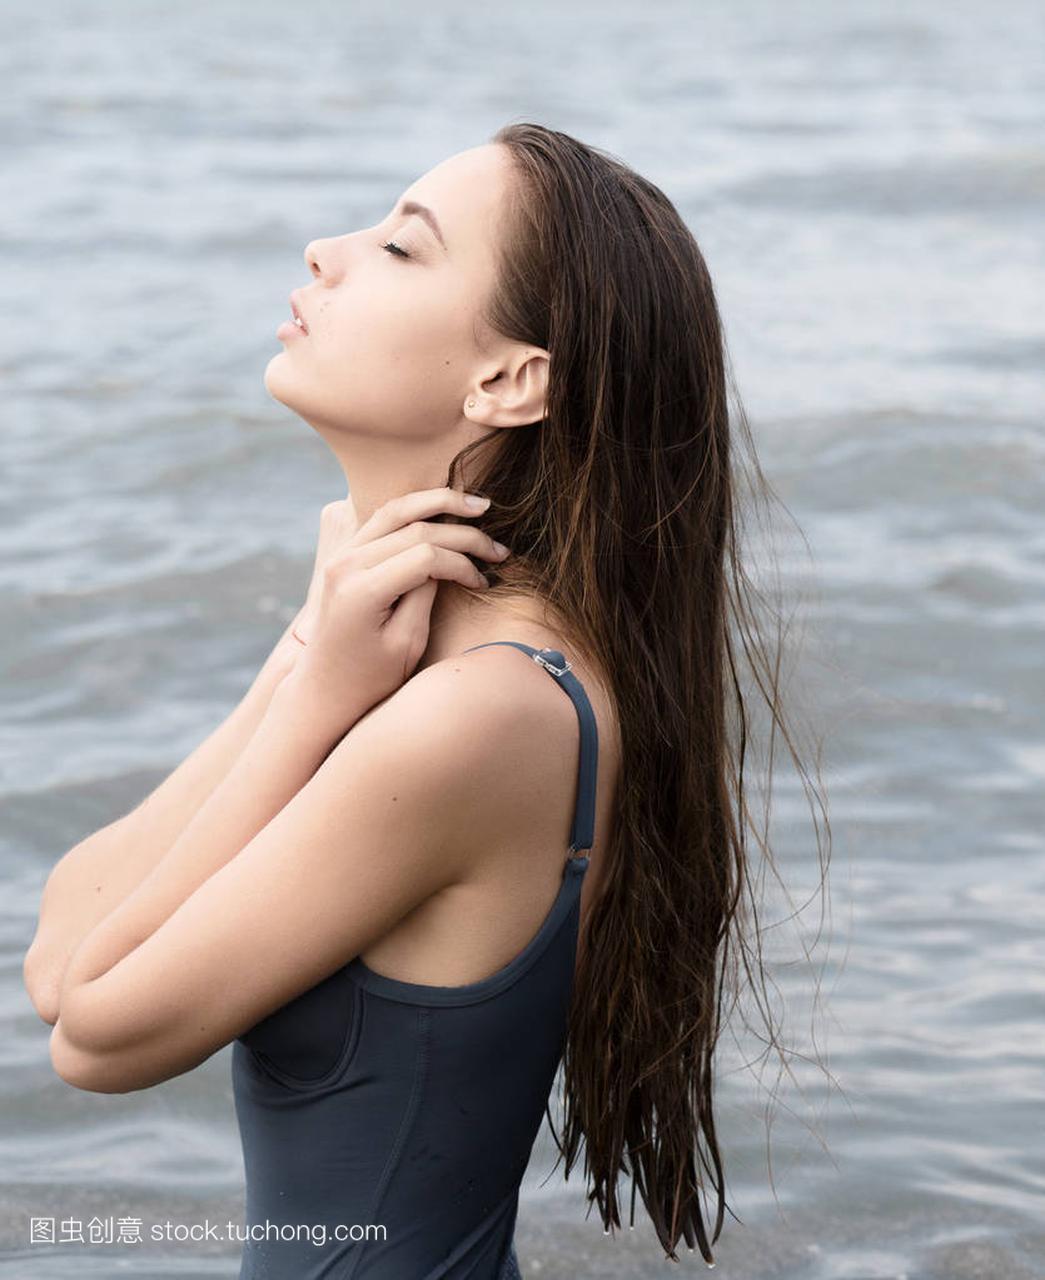 水在性感上海滩美丽的女人明希佐佐木性感图片